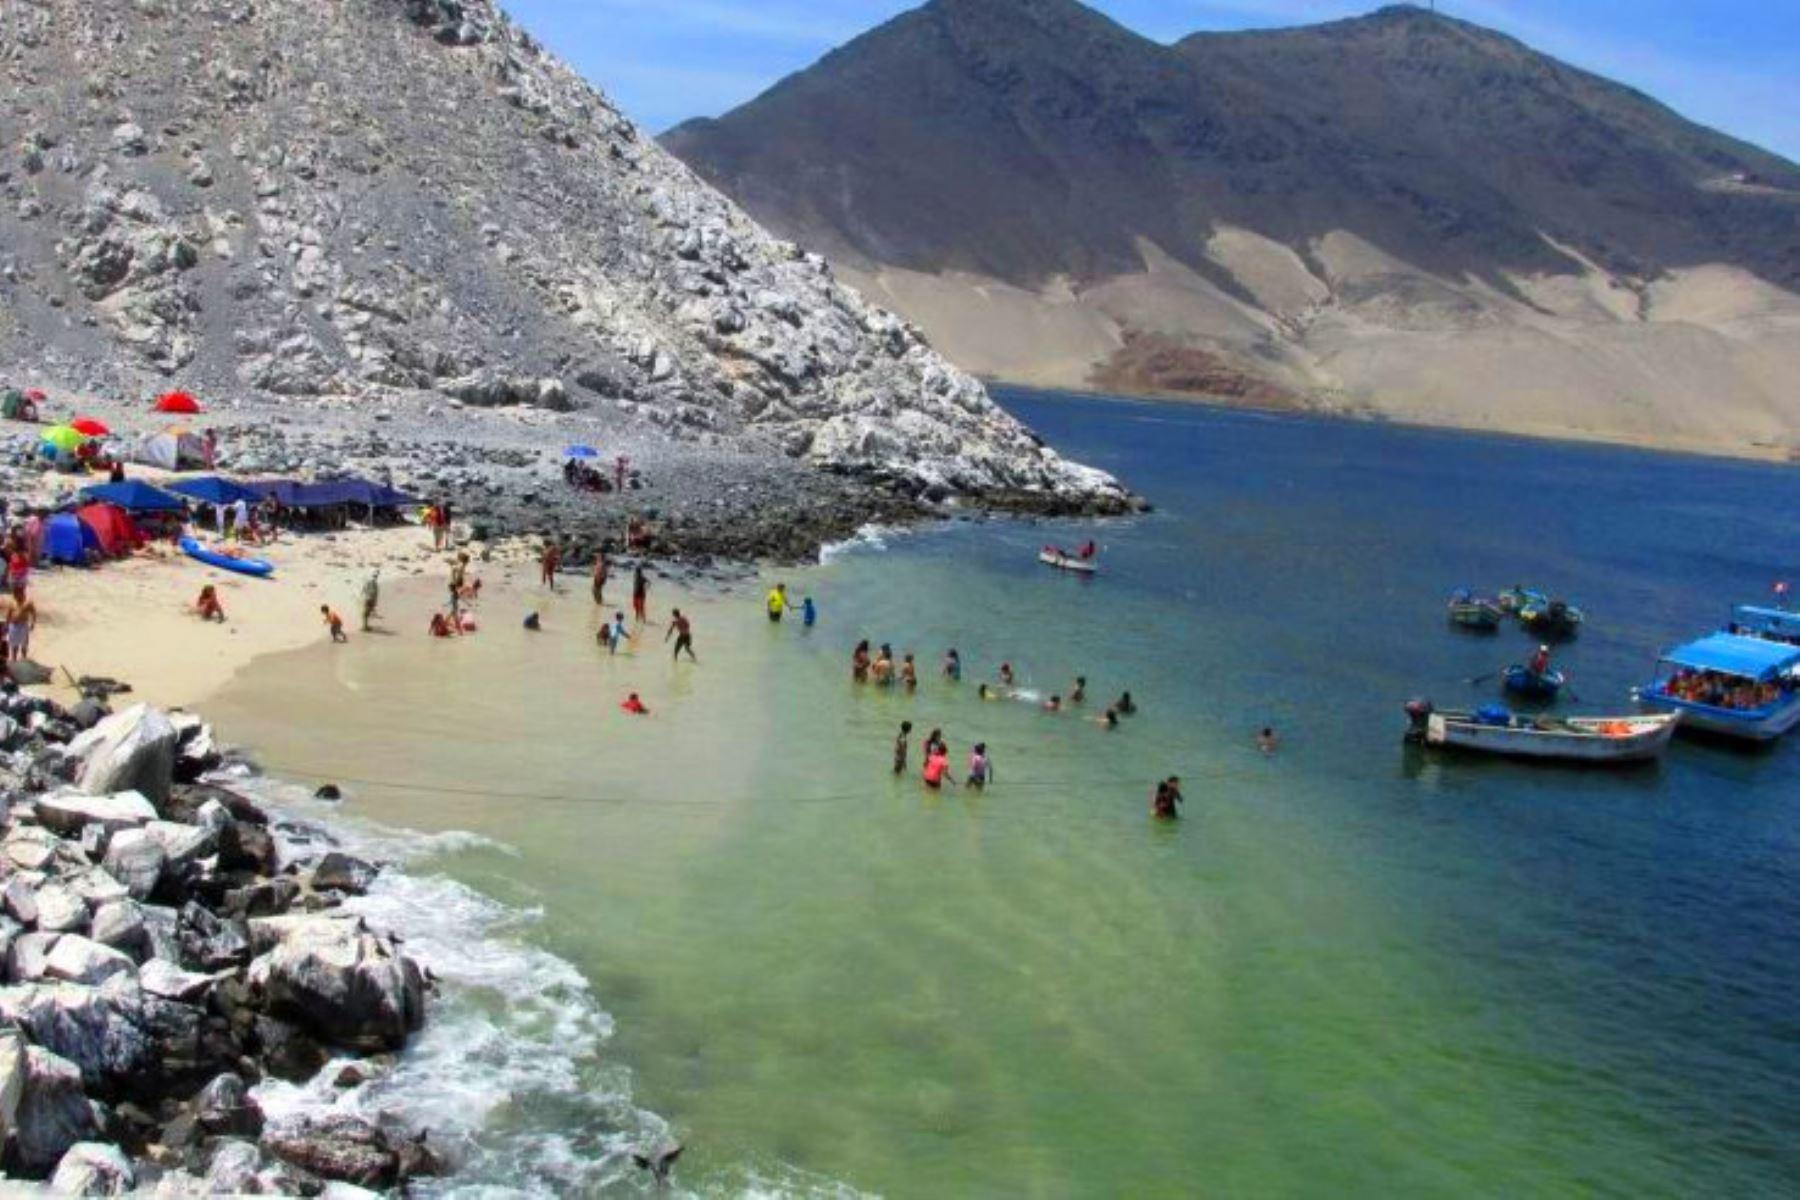 Las Conchuelas es una playa de aguas cristalinas que esconde la isla Blanca de Chimbote, en la región Áncash. Foto: ANDINA/Gonzalo Horna